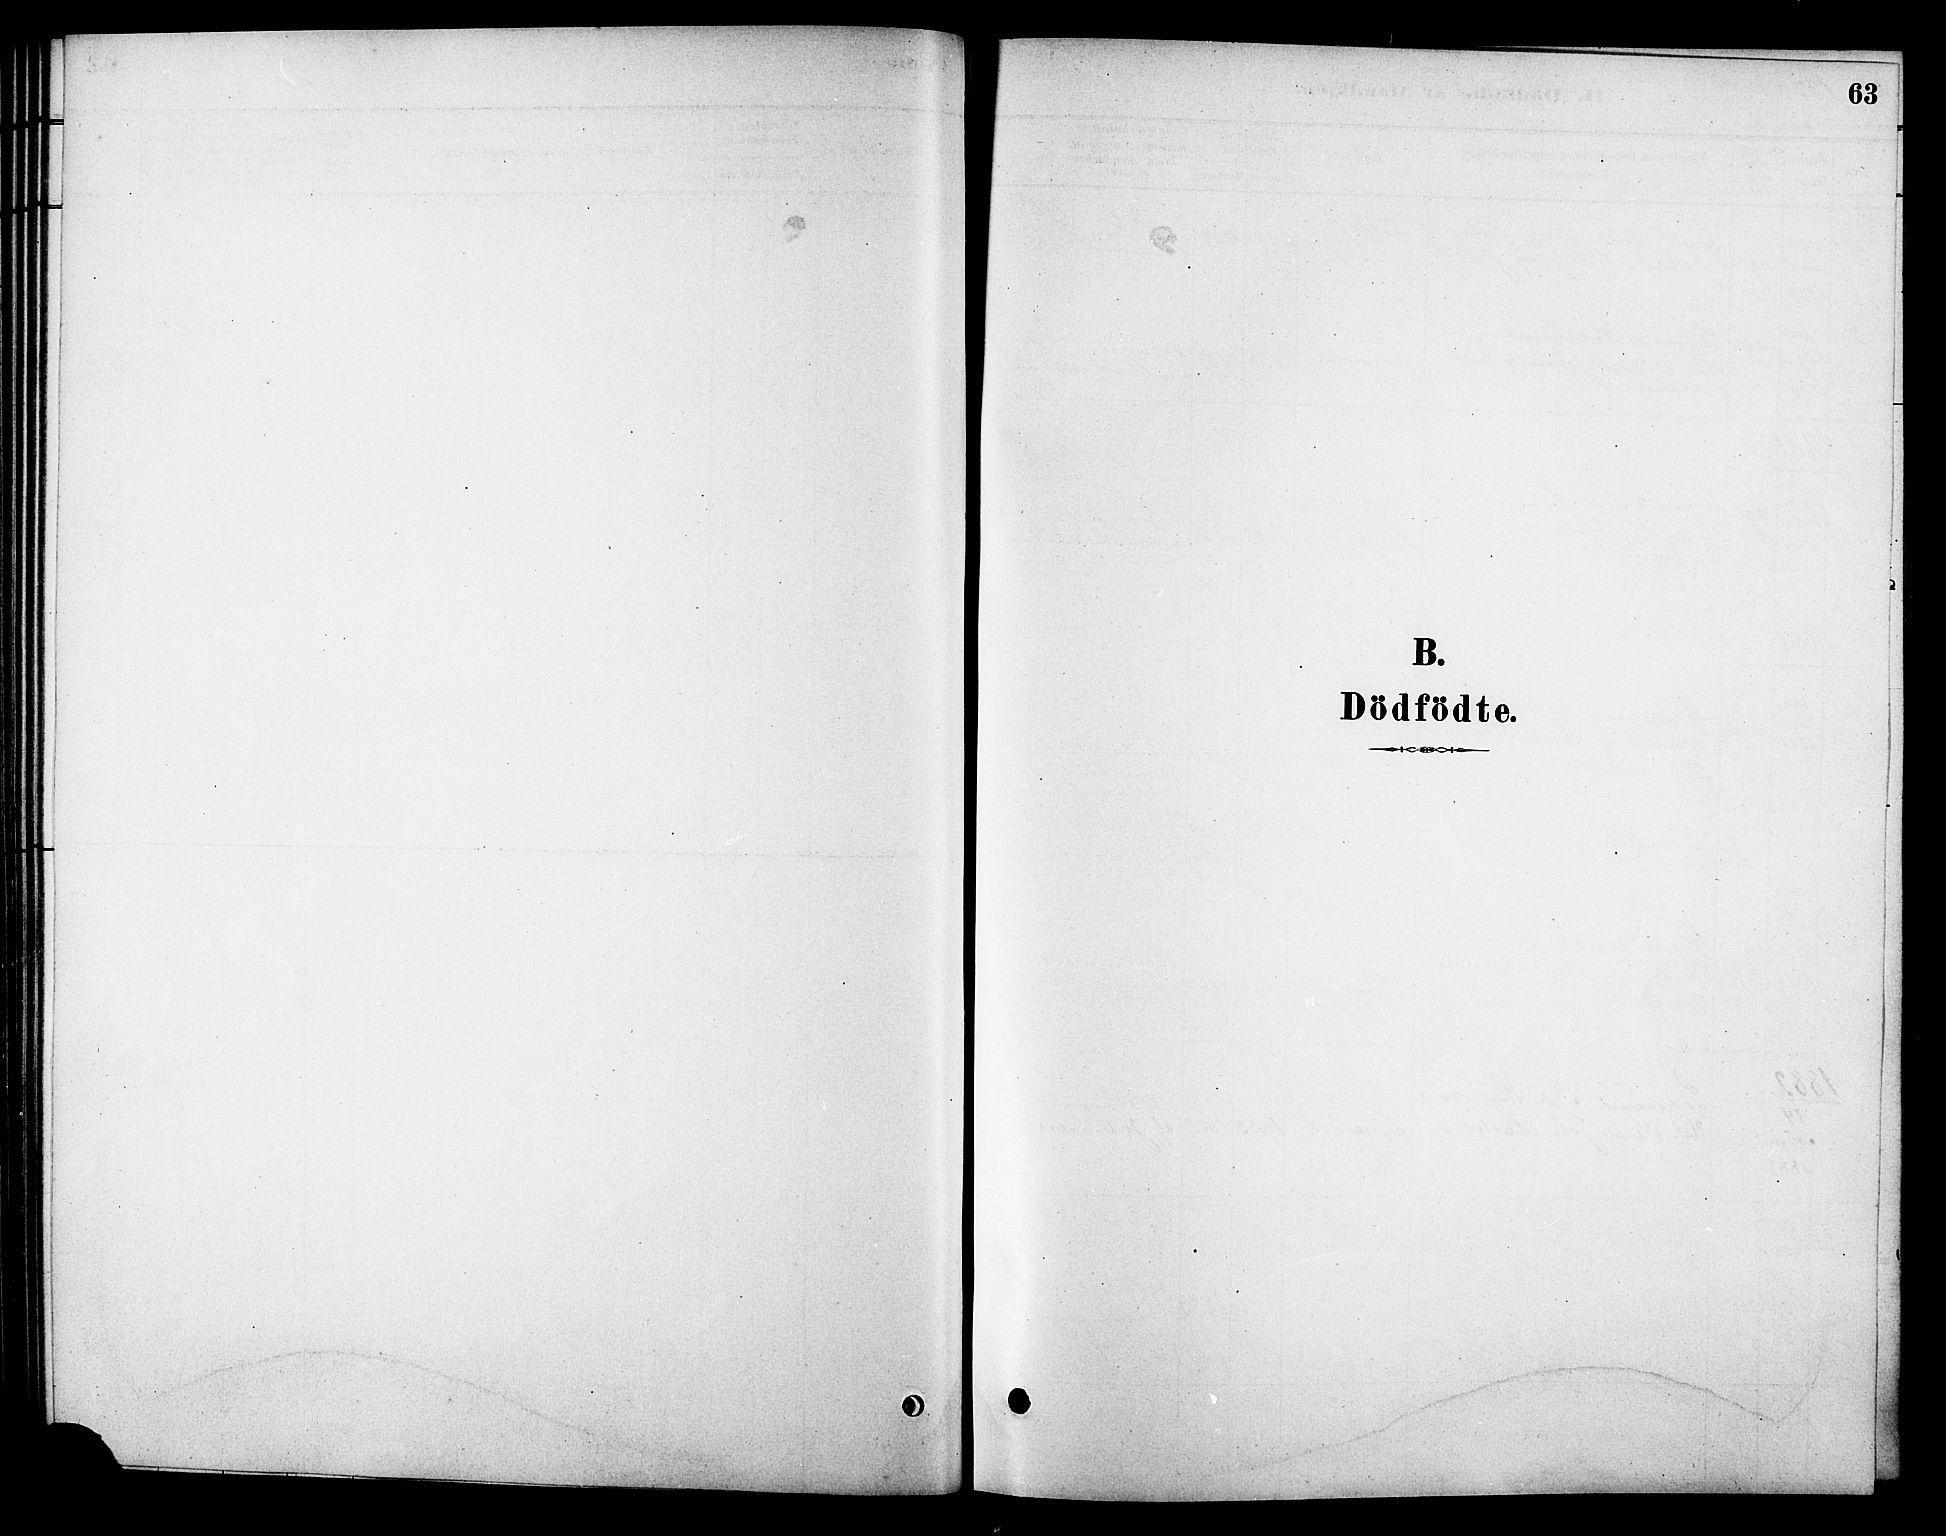 SAT, Ministerialprotokoller, klokkerbøker og fødselsregistre - Sør-Trøndelag, 688/L1024: Ministerialbok nr. 688A01, 1879-1890, s. 63